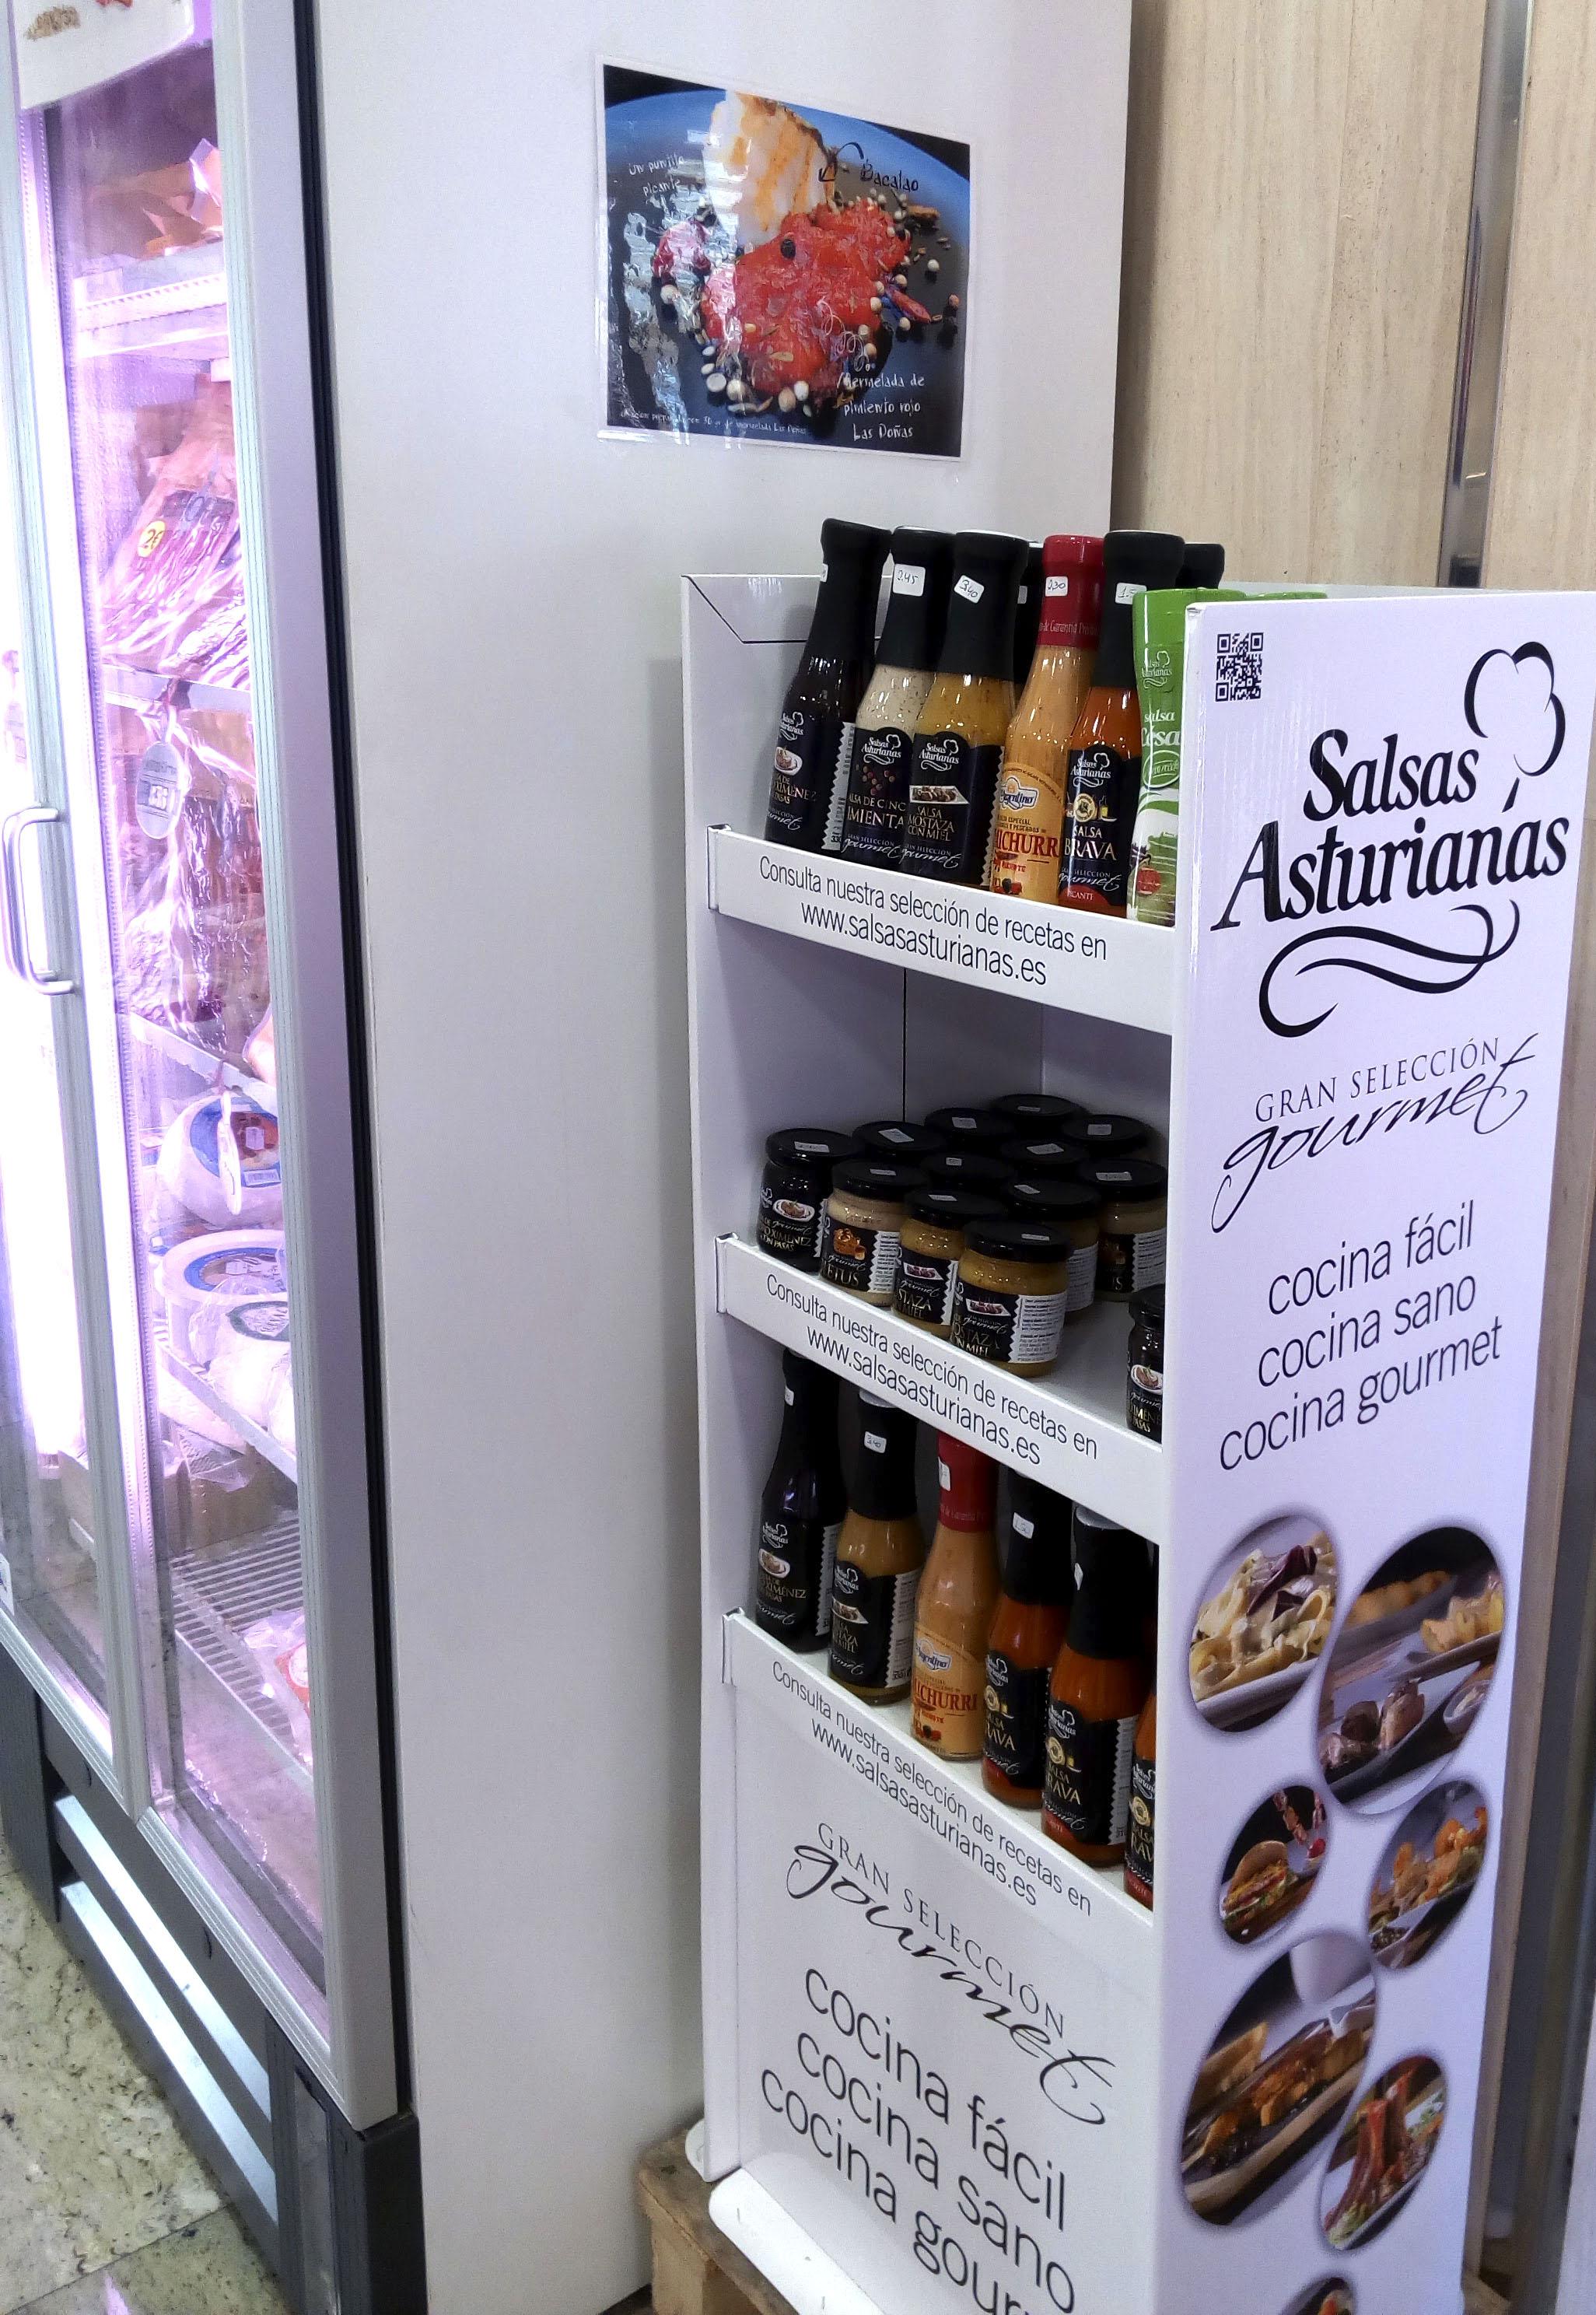 salsas-asturianas-2jpg.jpg